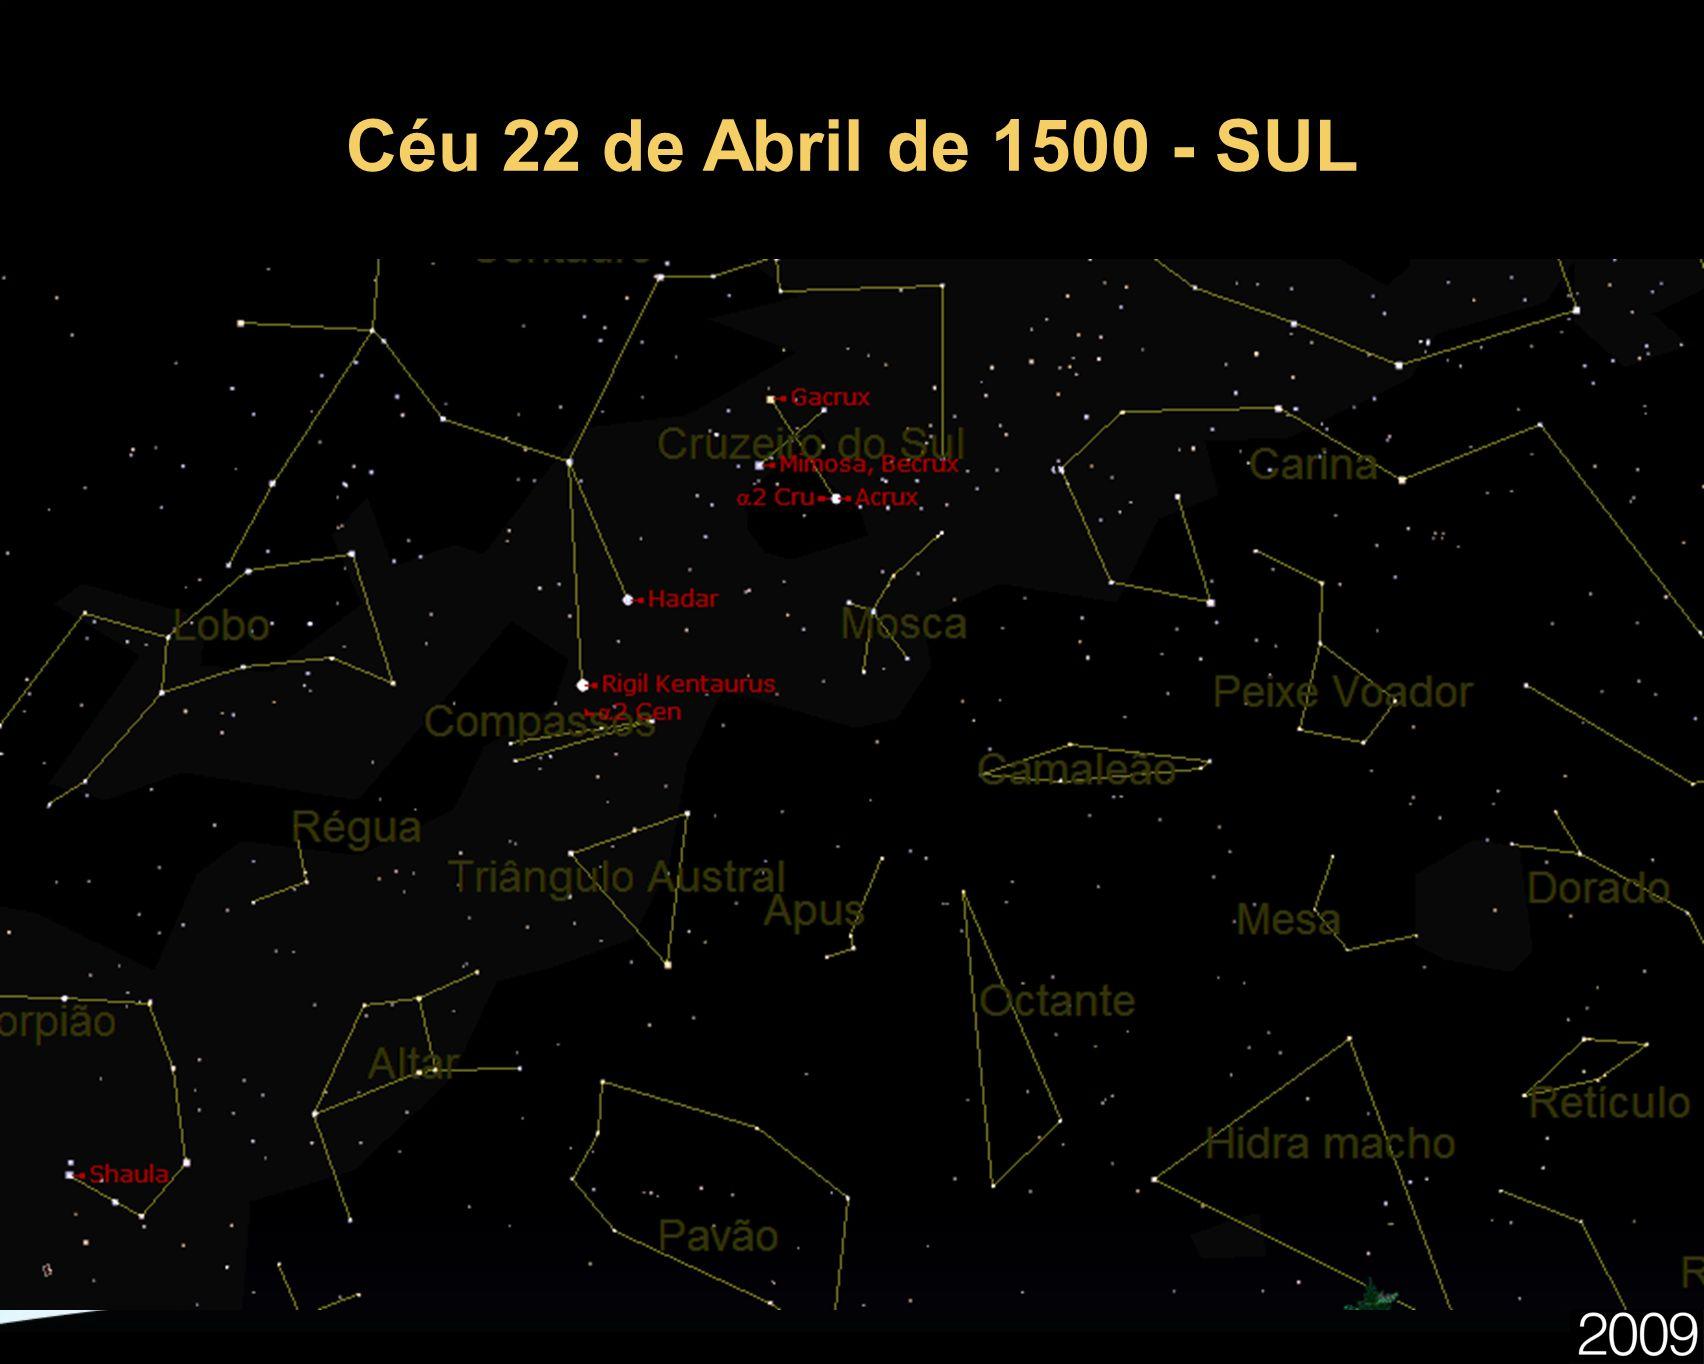 Céu 22 de Abril de 1500 - SUL 18